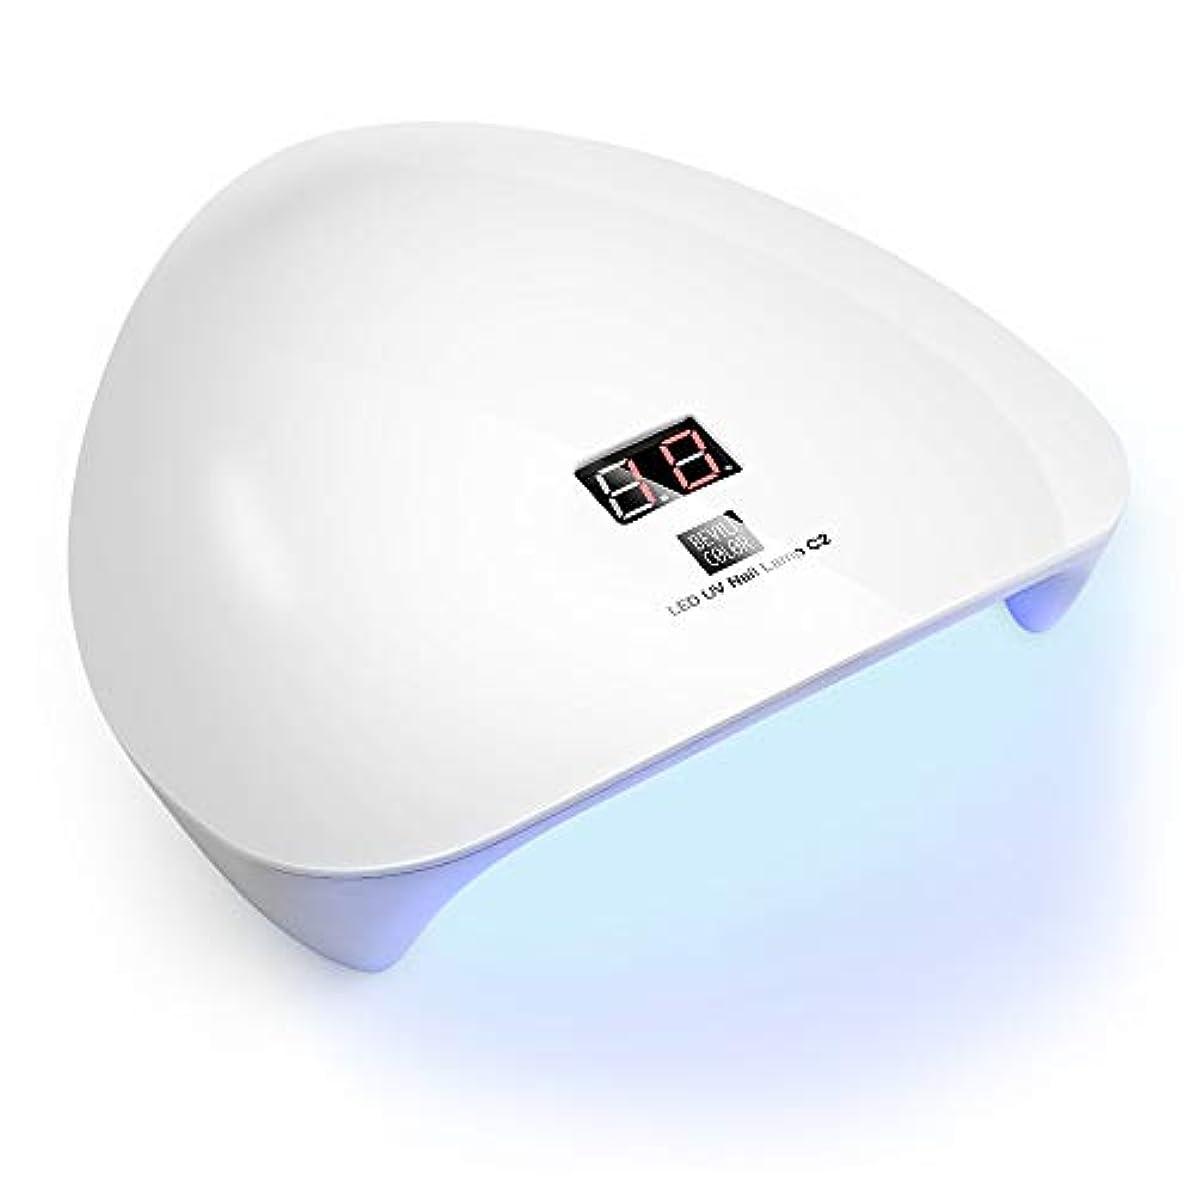 着替える電報メガロポリスWEVILI ネイル硬化用ライト UVライト LEDライト UVライトネイルドライヤー マニキュア用 LED ネイルドライヤー タイマー機能 自動センサー機能 レジン 便利 (45W 硬化用UVライト)